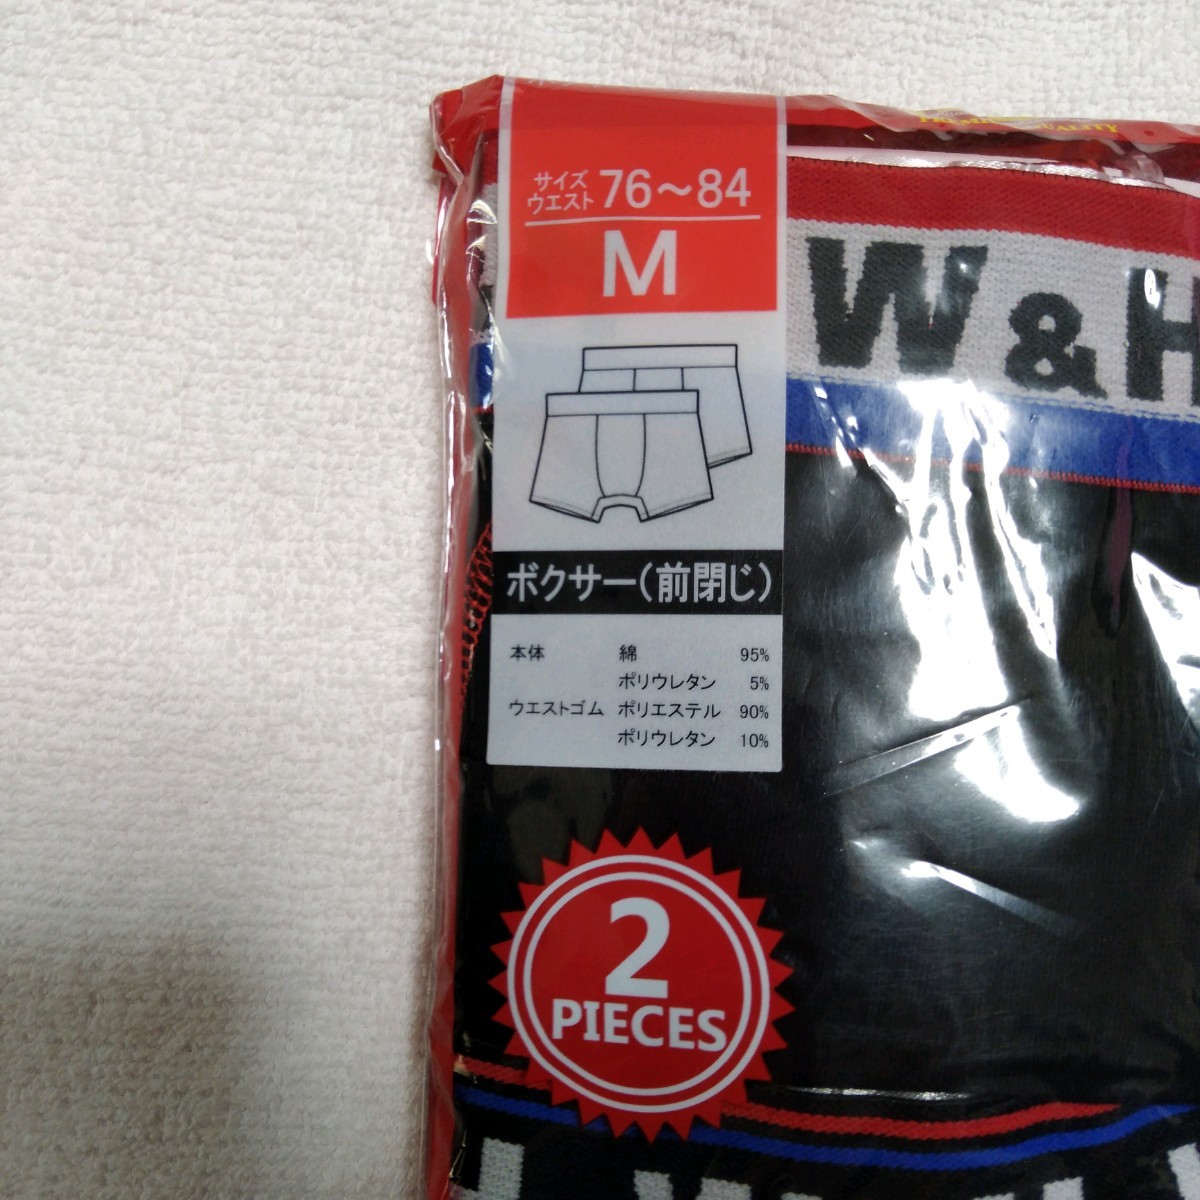 ボクサーブリーフ 2枚組×2セット 4枚セット サイズM 76~84 前閉じ ブラック&レッド